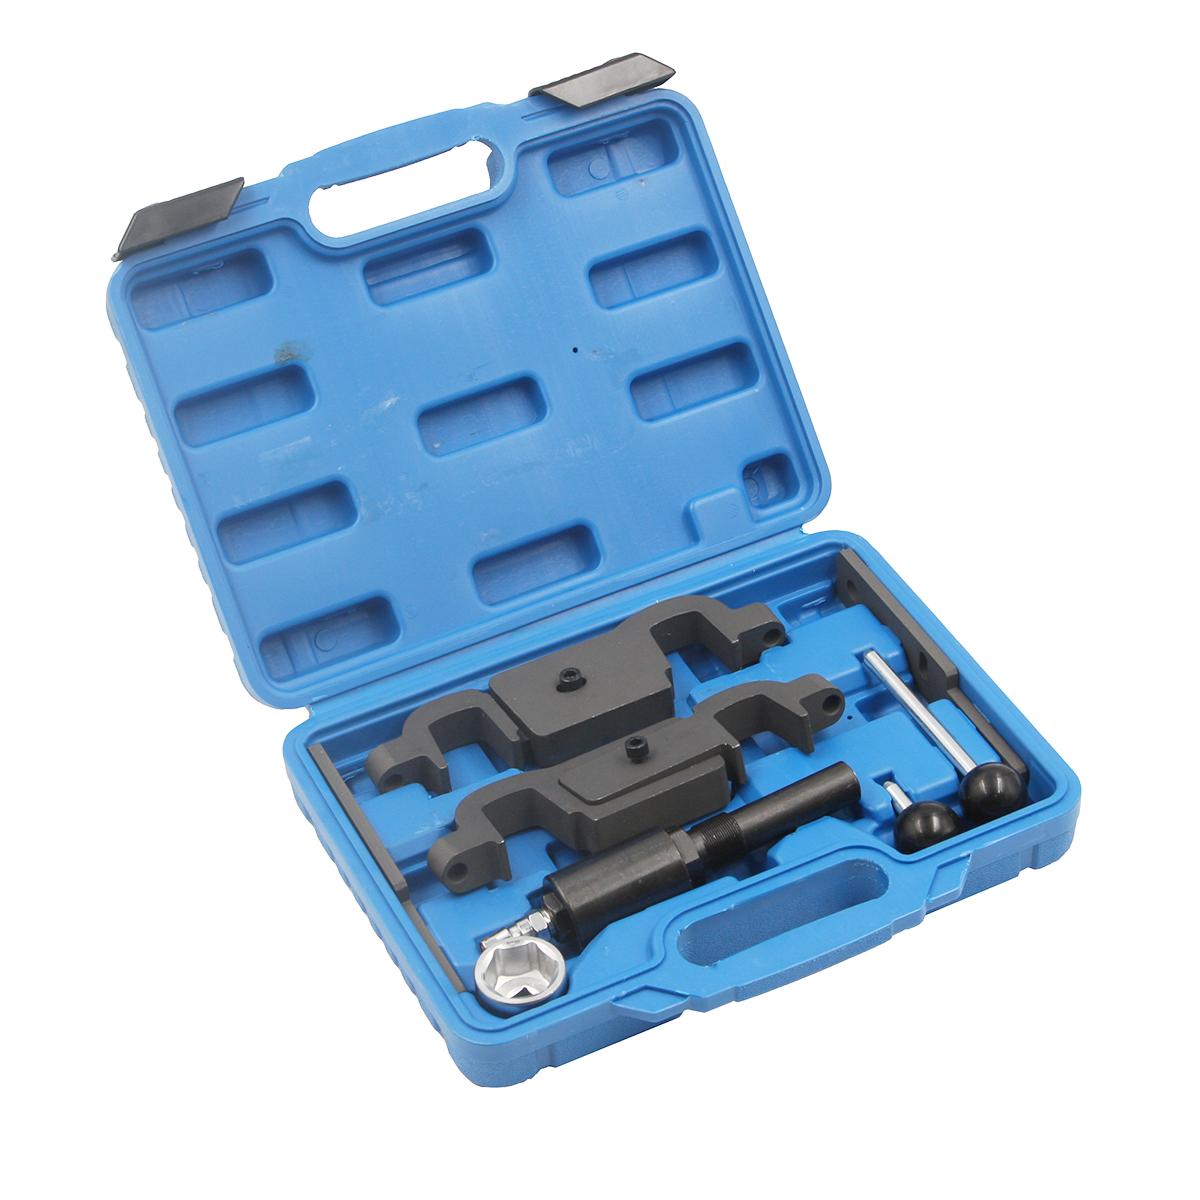 Набор для установки ГРМ Porsche Car-Tool CT-G1207